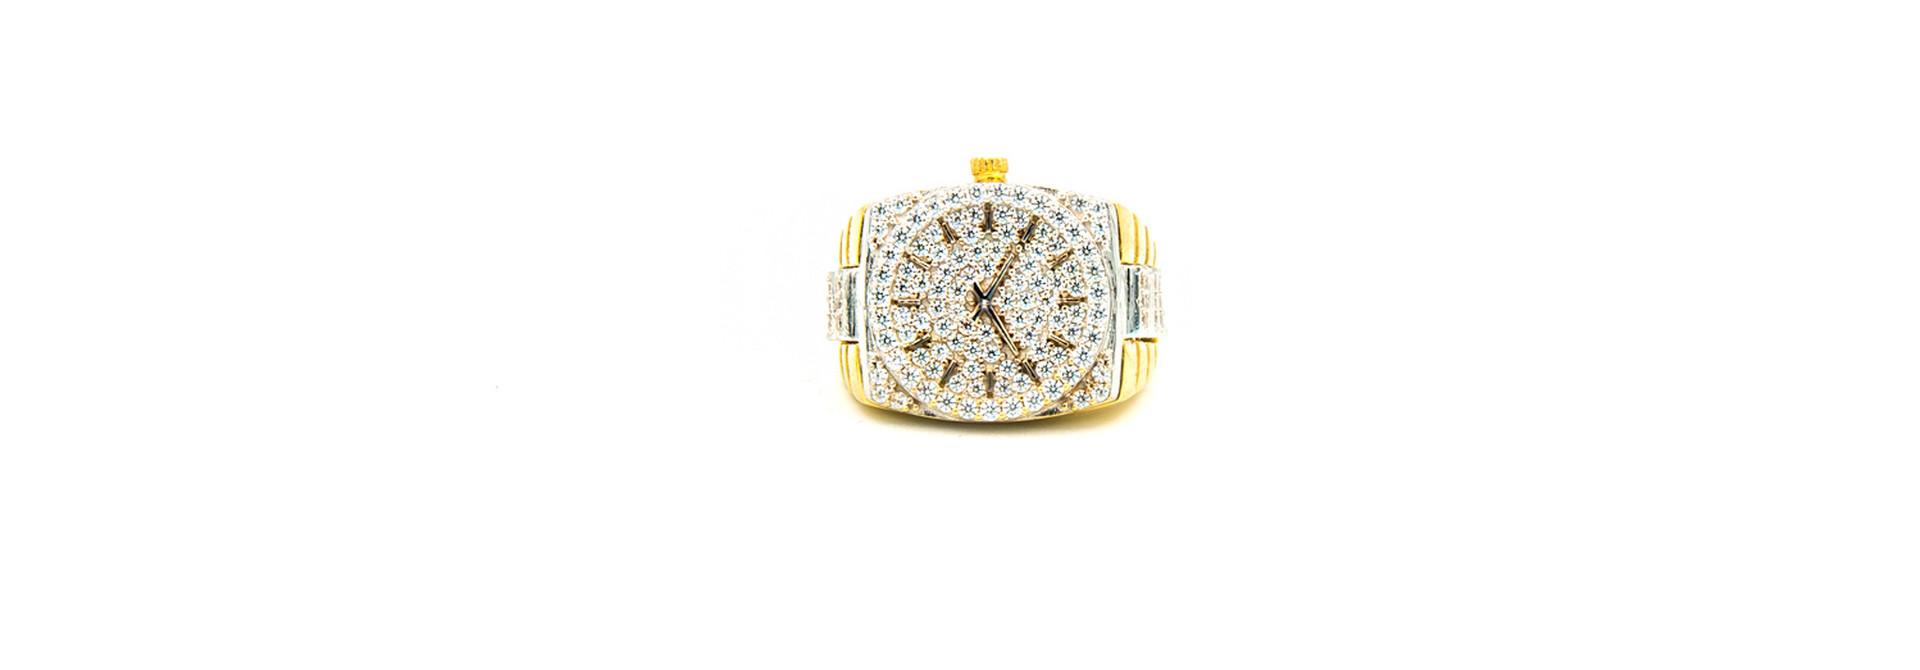 Ring horloge bezet met zirkonia's, bicolor